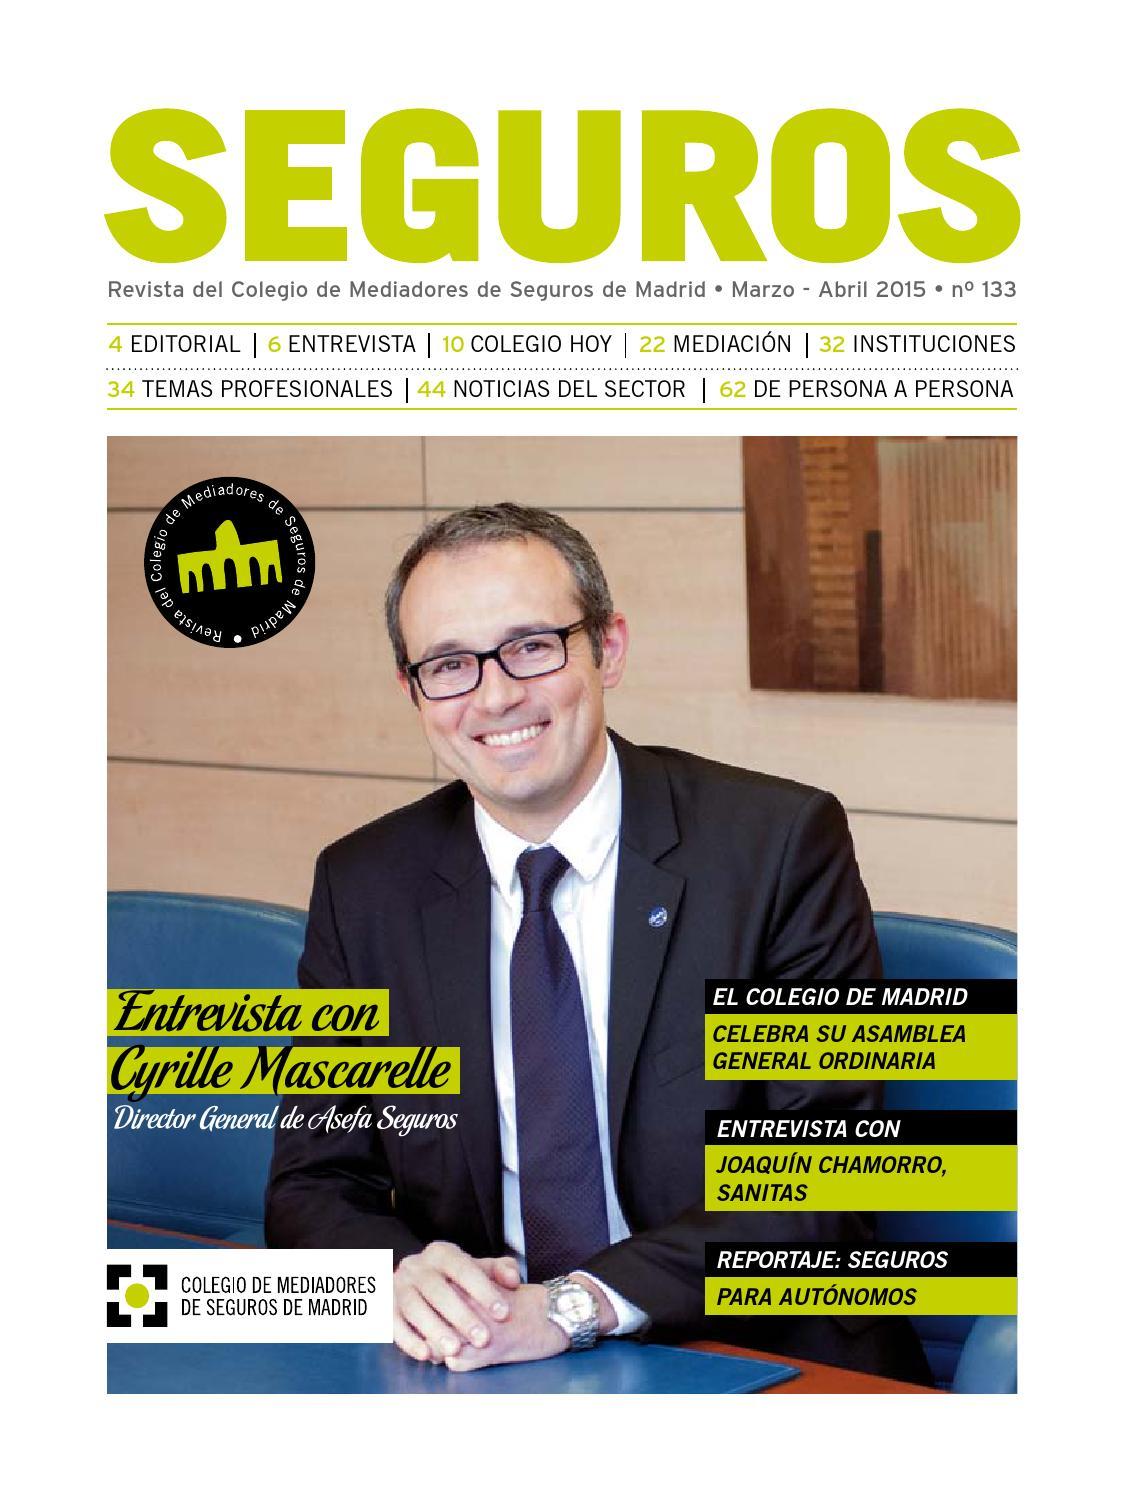 Revista seguros 133 by Colegio Mediadores de Seguros de Madrid - issuu